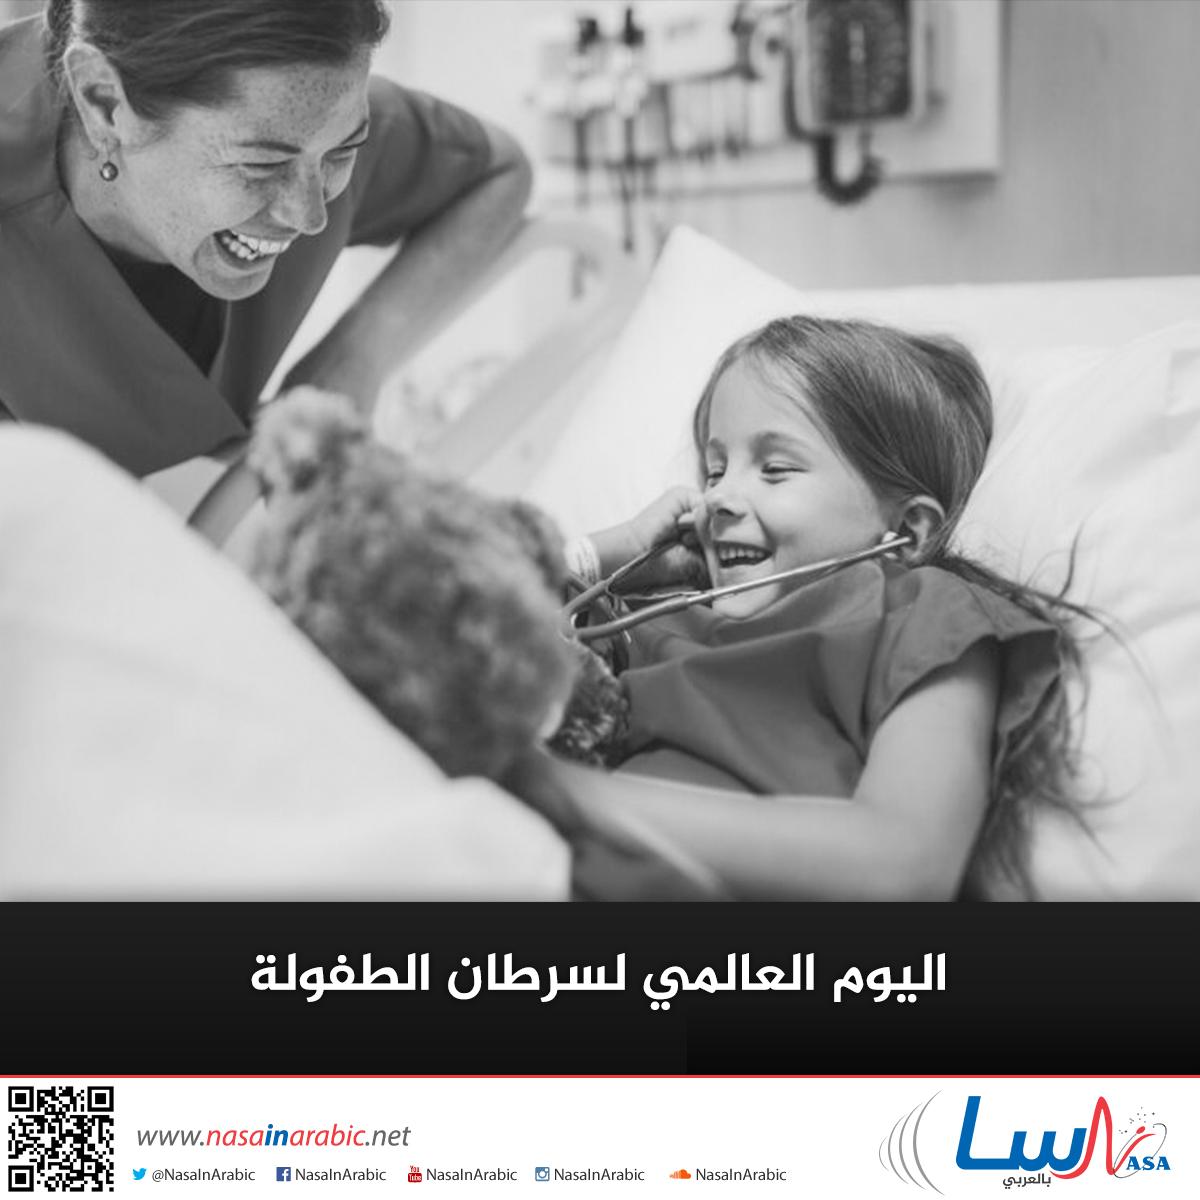 اليوم العالمي لسرطان الطفولة